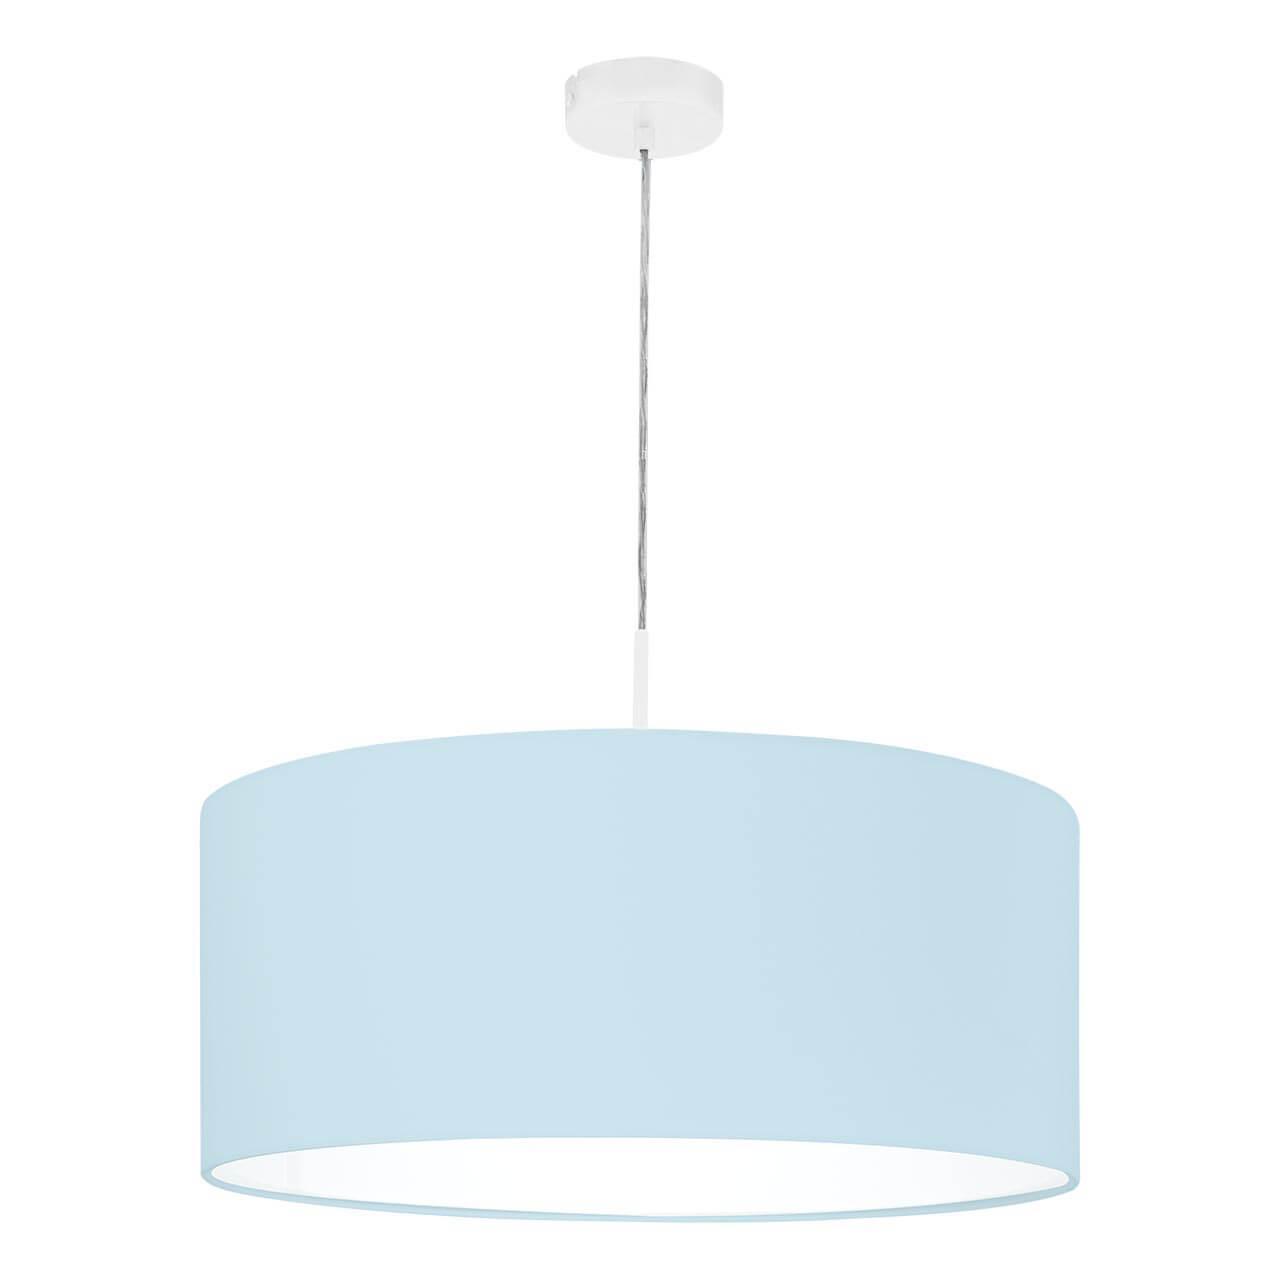 Подвесной светильник Eglo 97386, E27, 60 Вт подвесной светильник eglo pasteri 31577